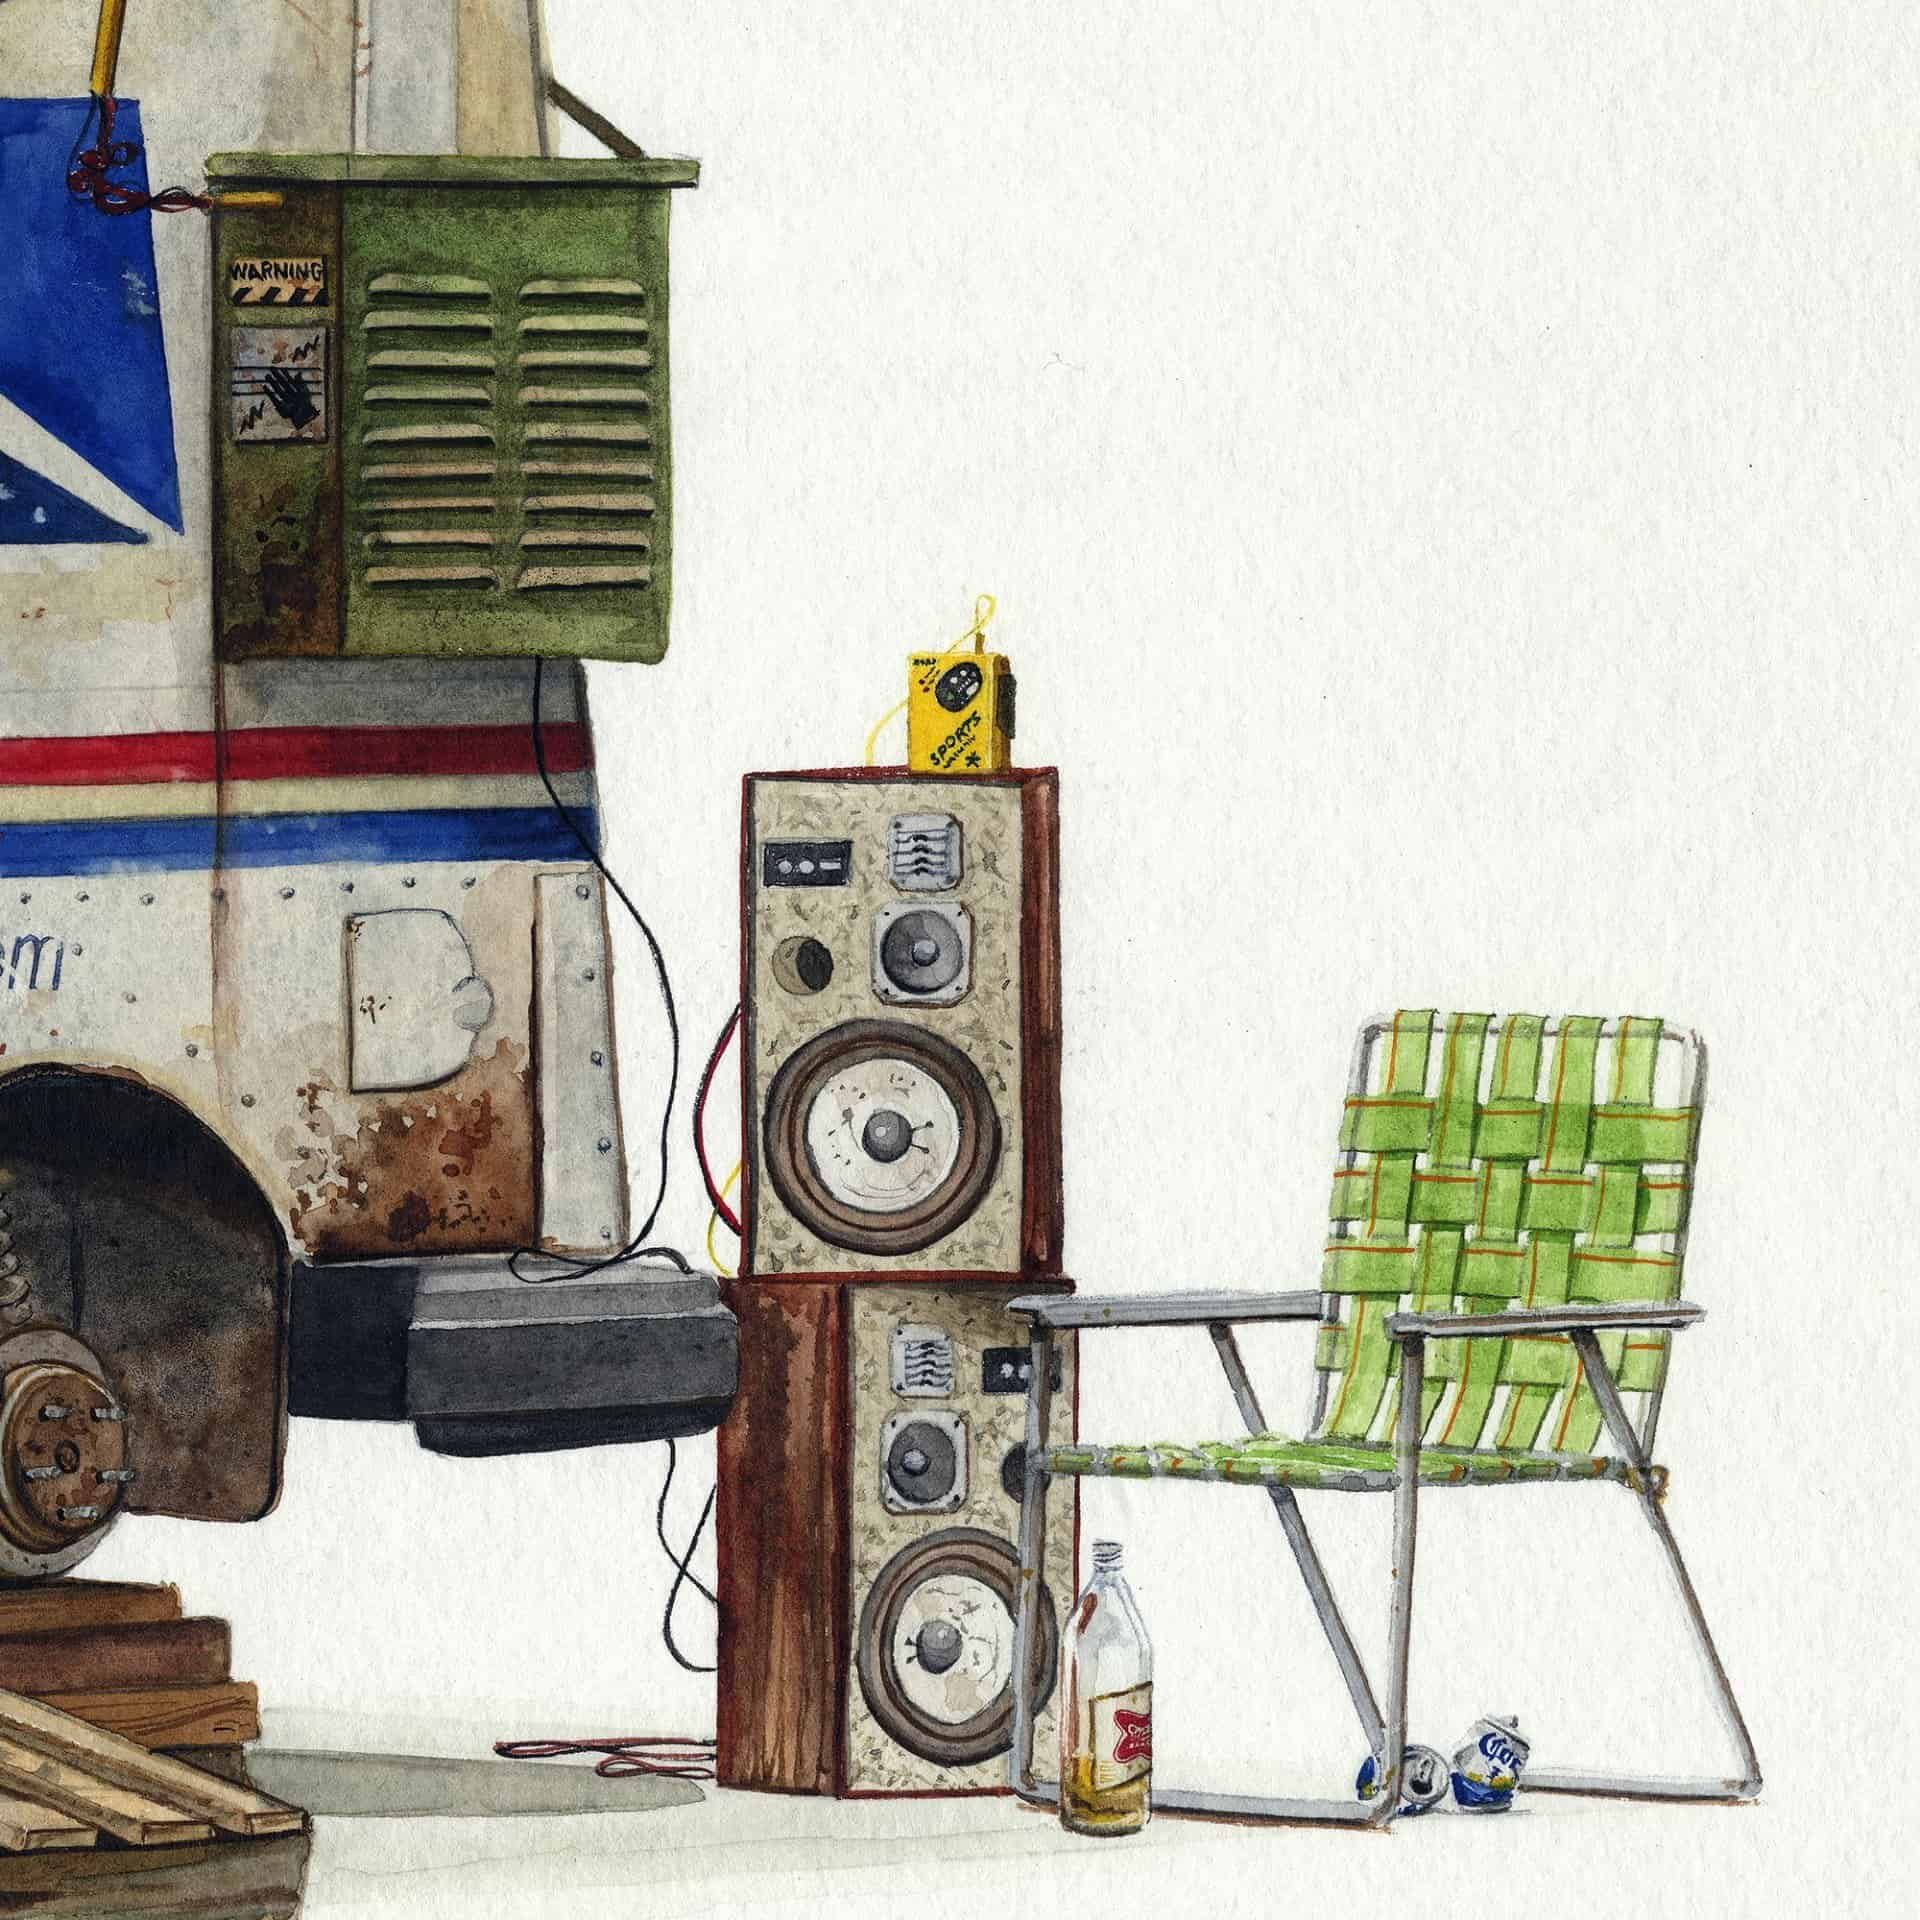 Postapocalyptische fantasiewereld door Alvaro Naddeo